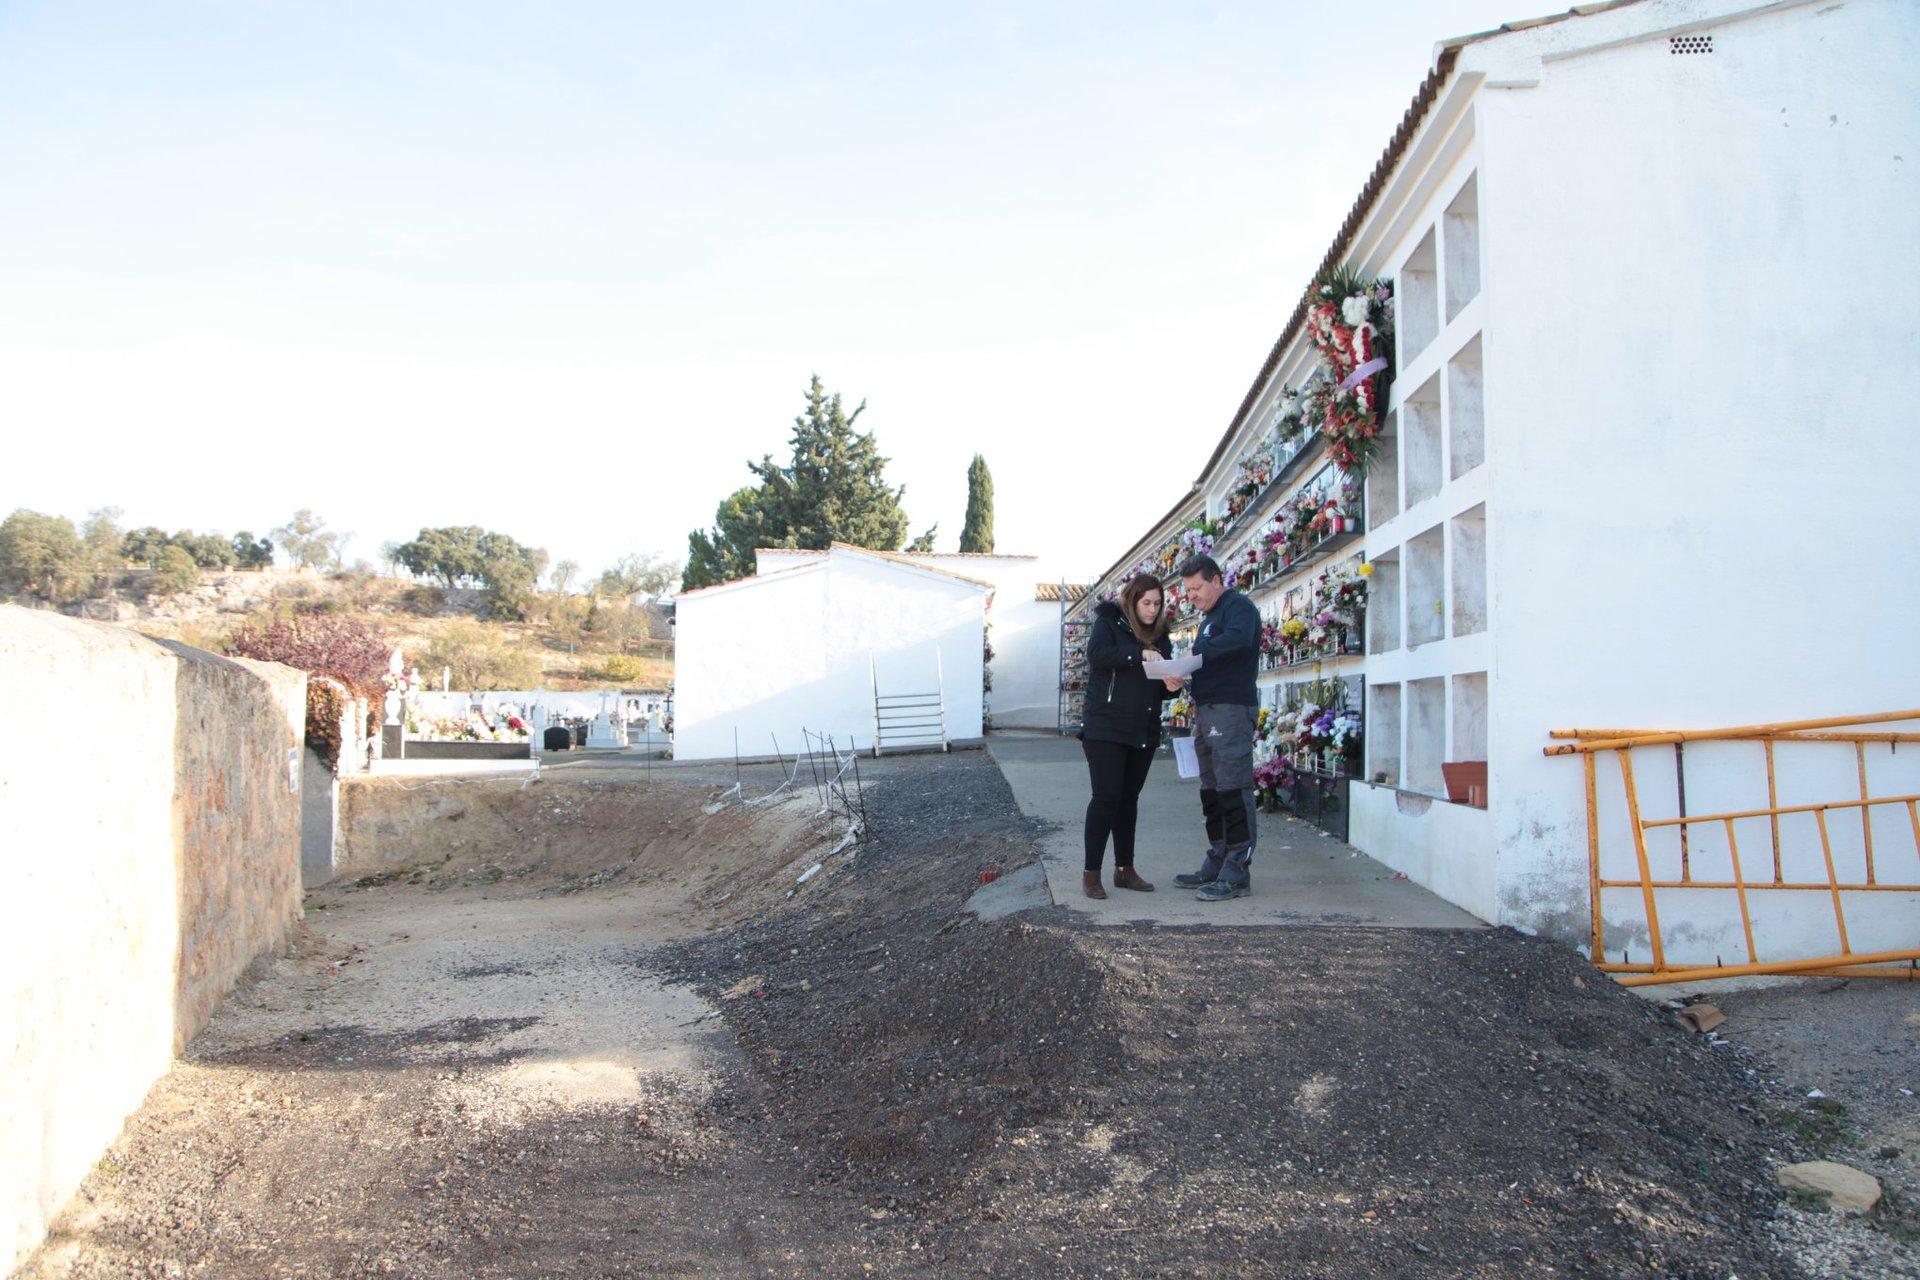 Conflicto por el cementerio de Santa Ana en Alcalá la Real - Lacontradejaen